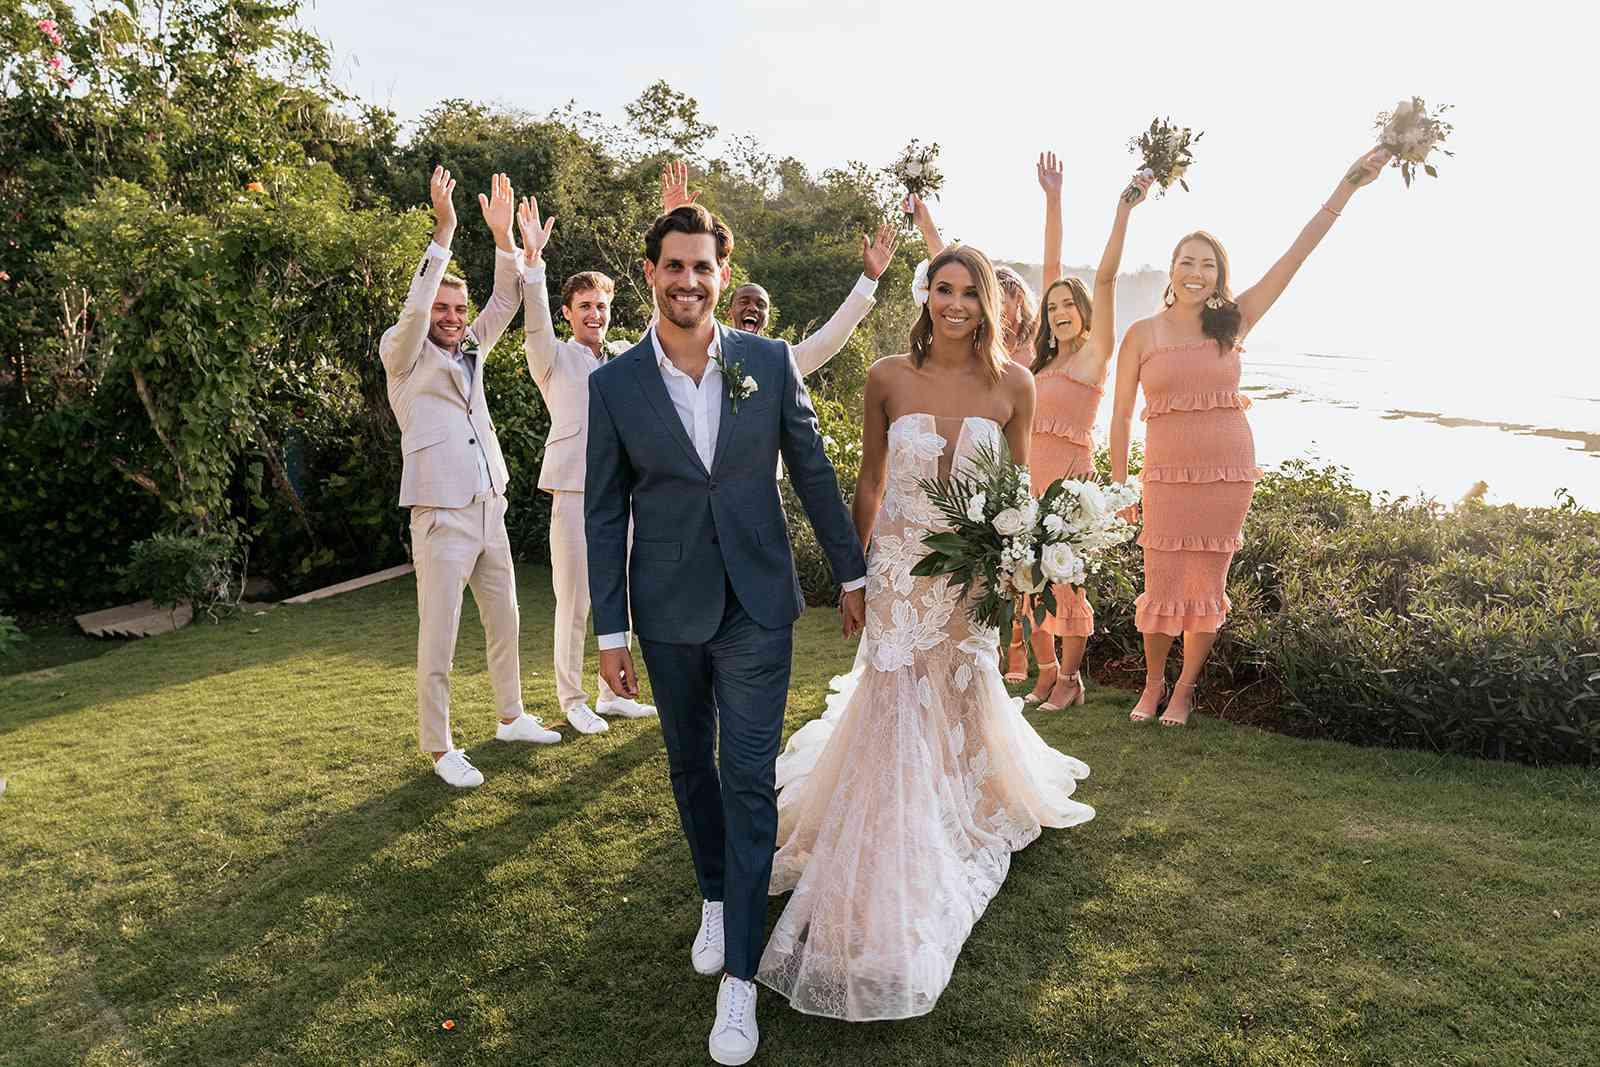 bride, groom and wedding party